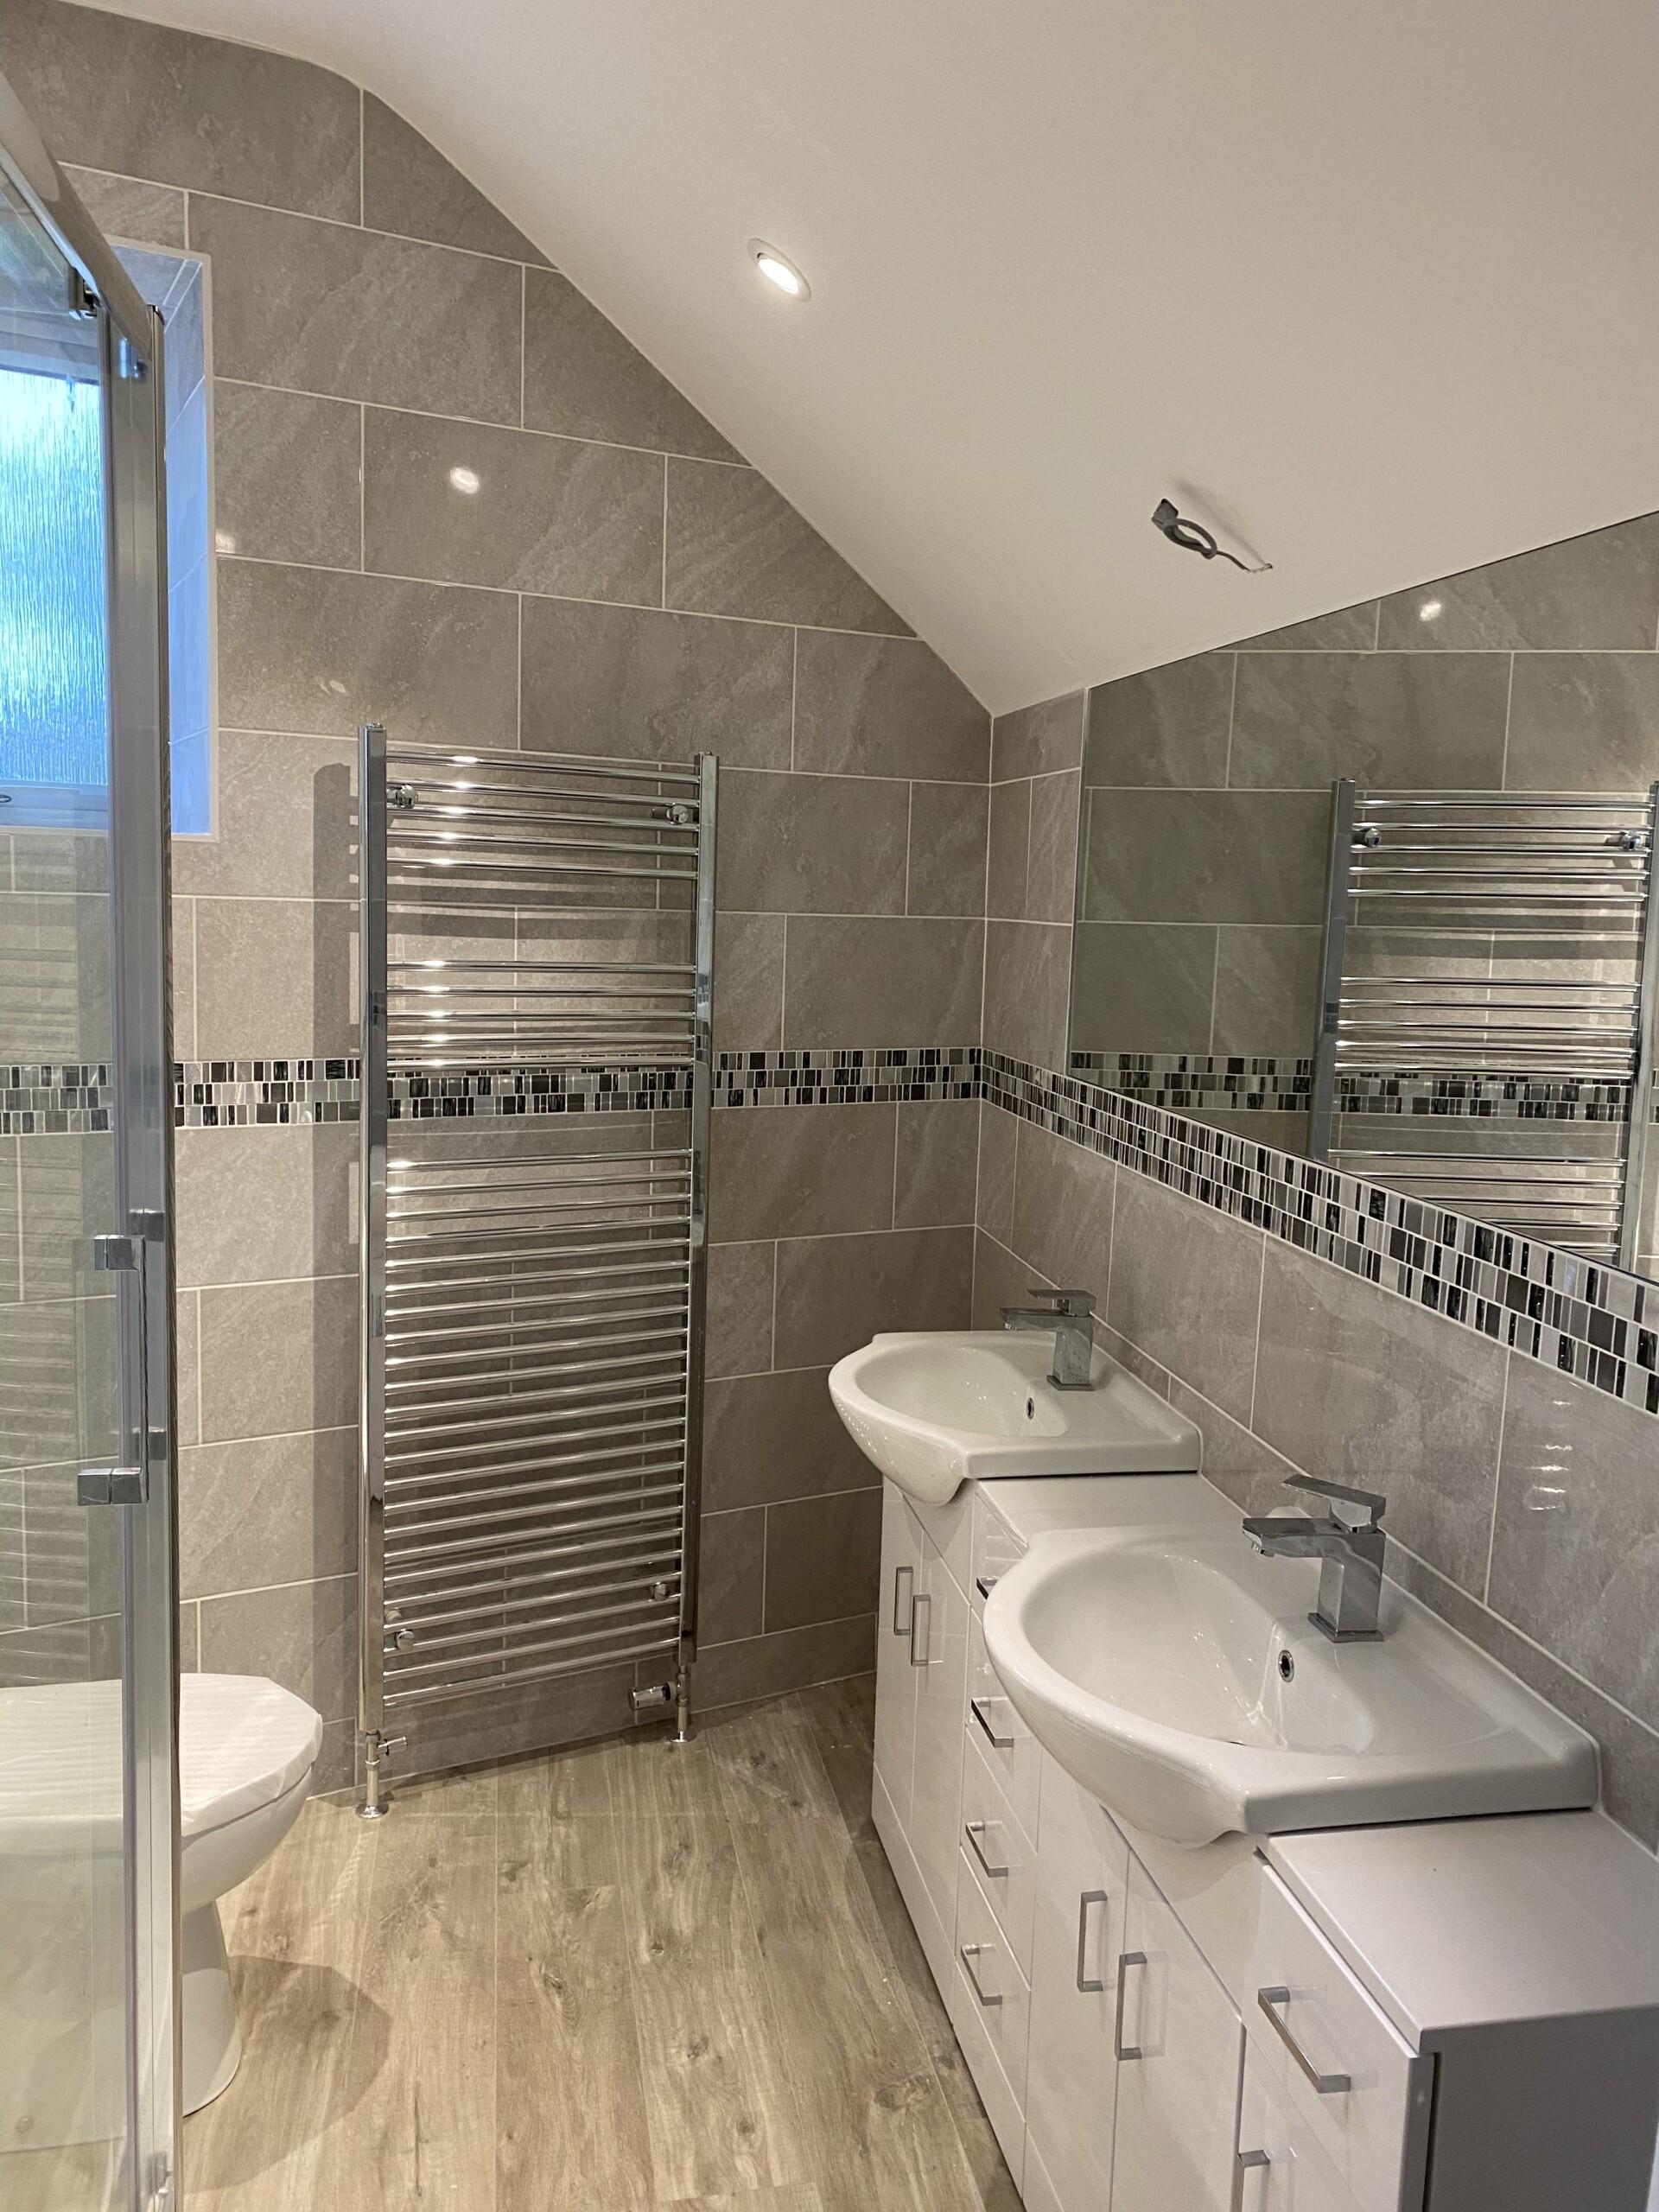 Redmarley En-suite Bathroom Mirror view with Tiles set in a brick bond patternn tiling